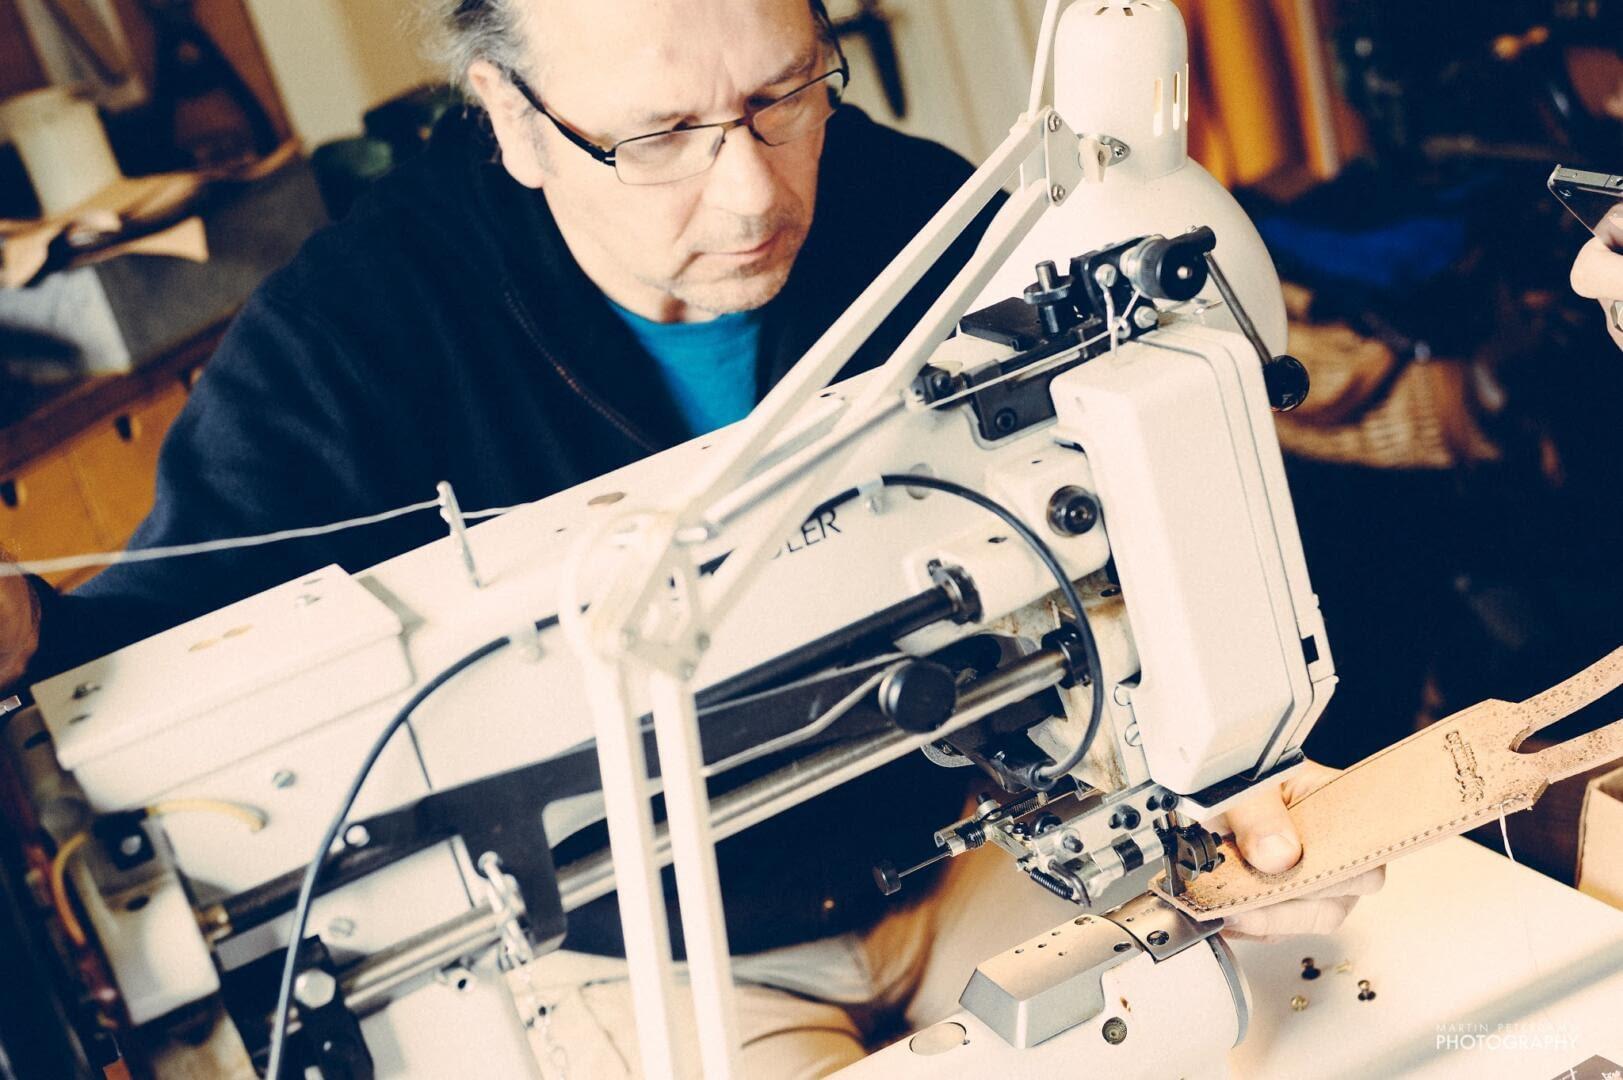 Lederwerkstatt in Bremen DSC 2949 2011